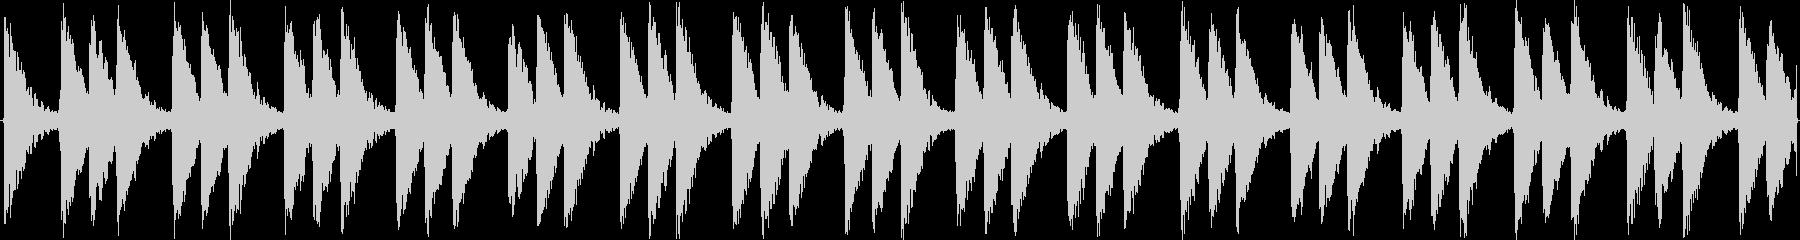 淡々と繰り返されるシンセサイザーのルー…の未再生の波形